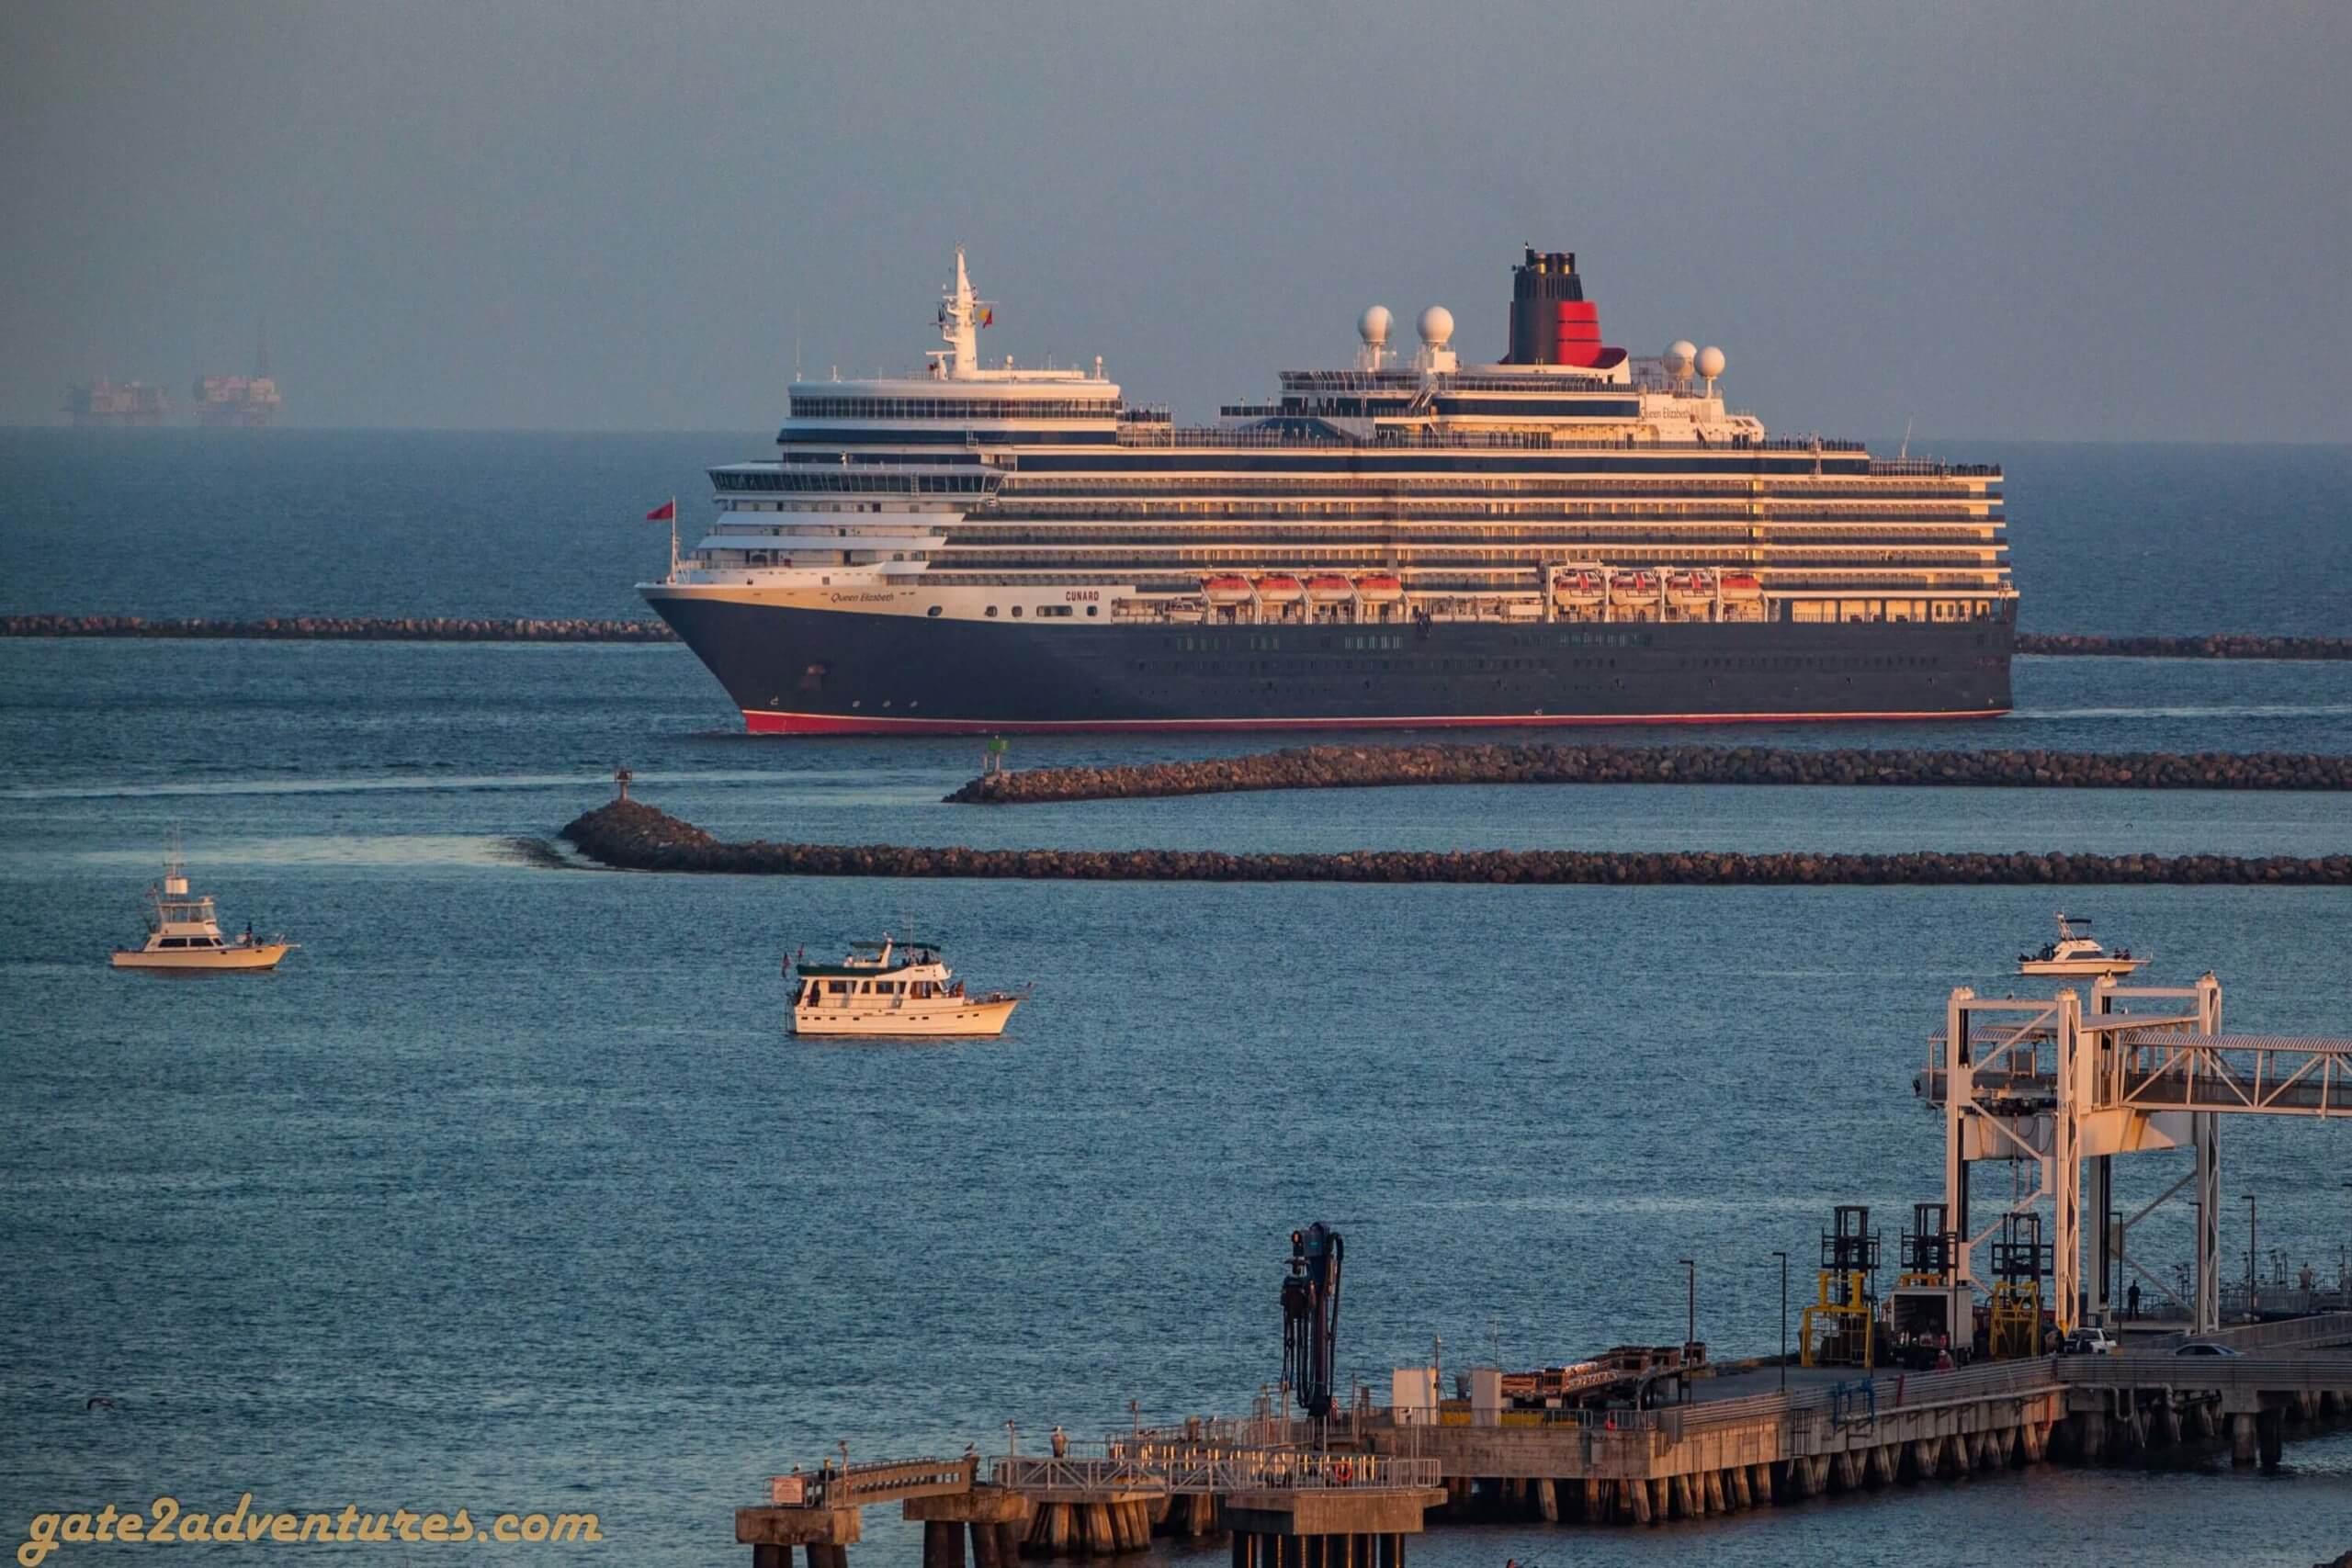 Queen Elizabeth approaching Queen Mary